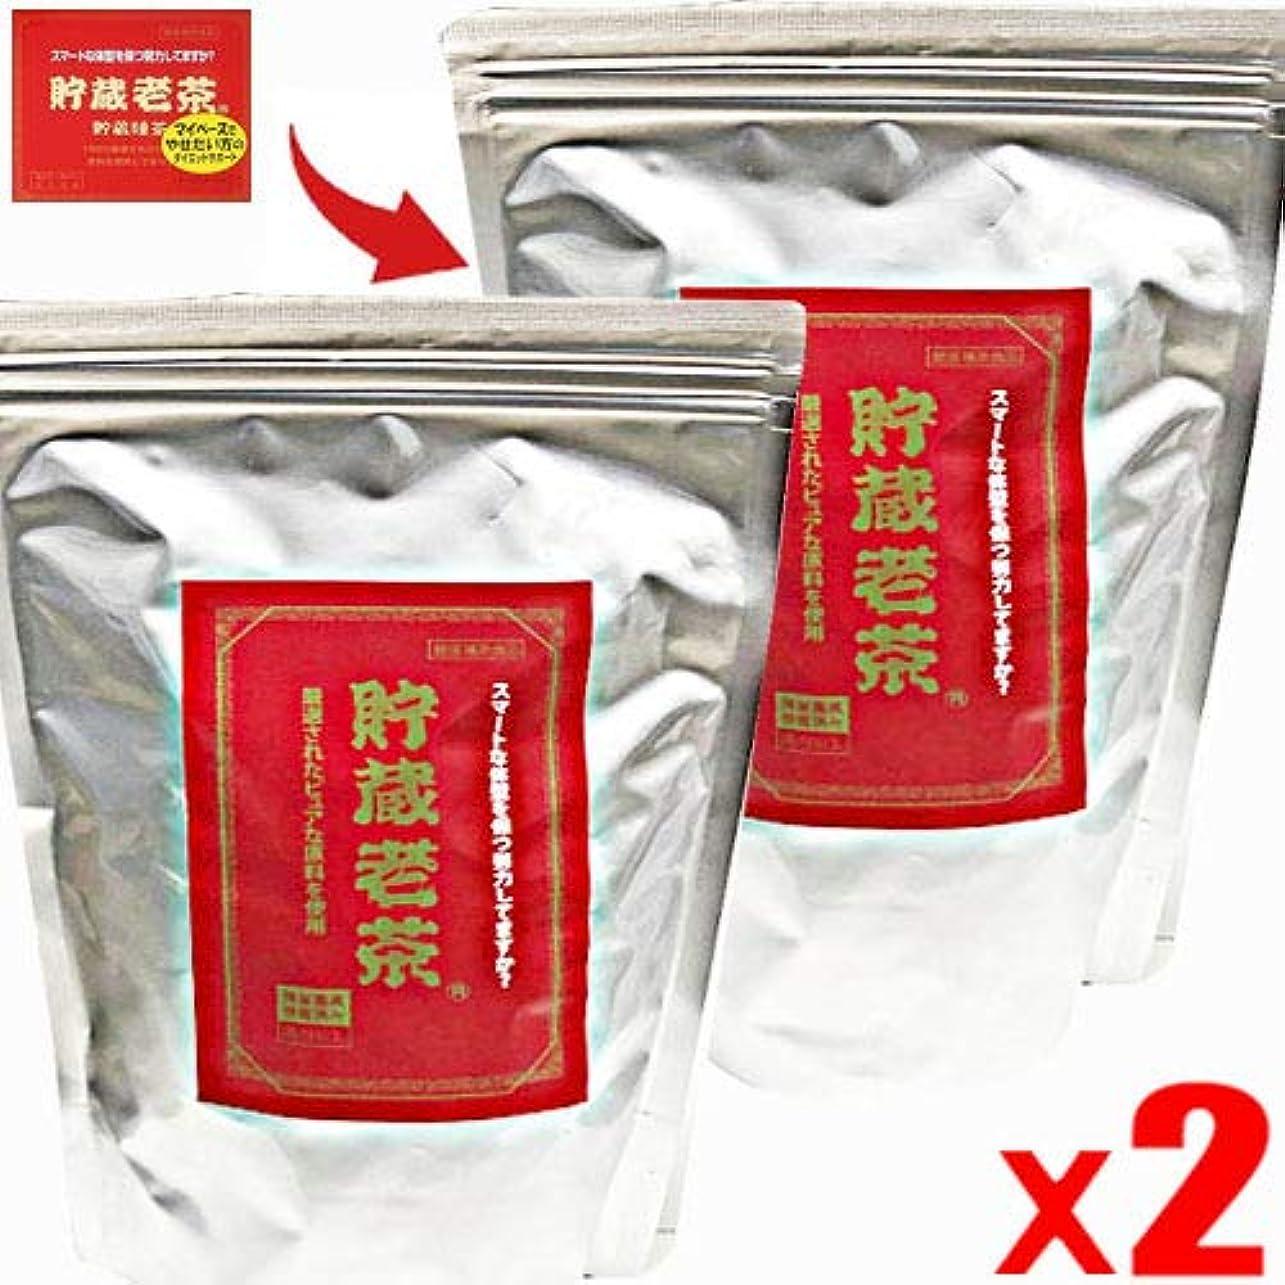 共栄 貯蔵老茶 (3.7gX60包)x2個(4972889000197-2) 赤箱からパウチ包装に変更です。